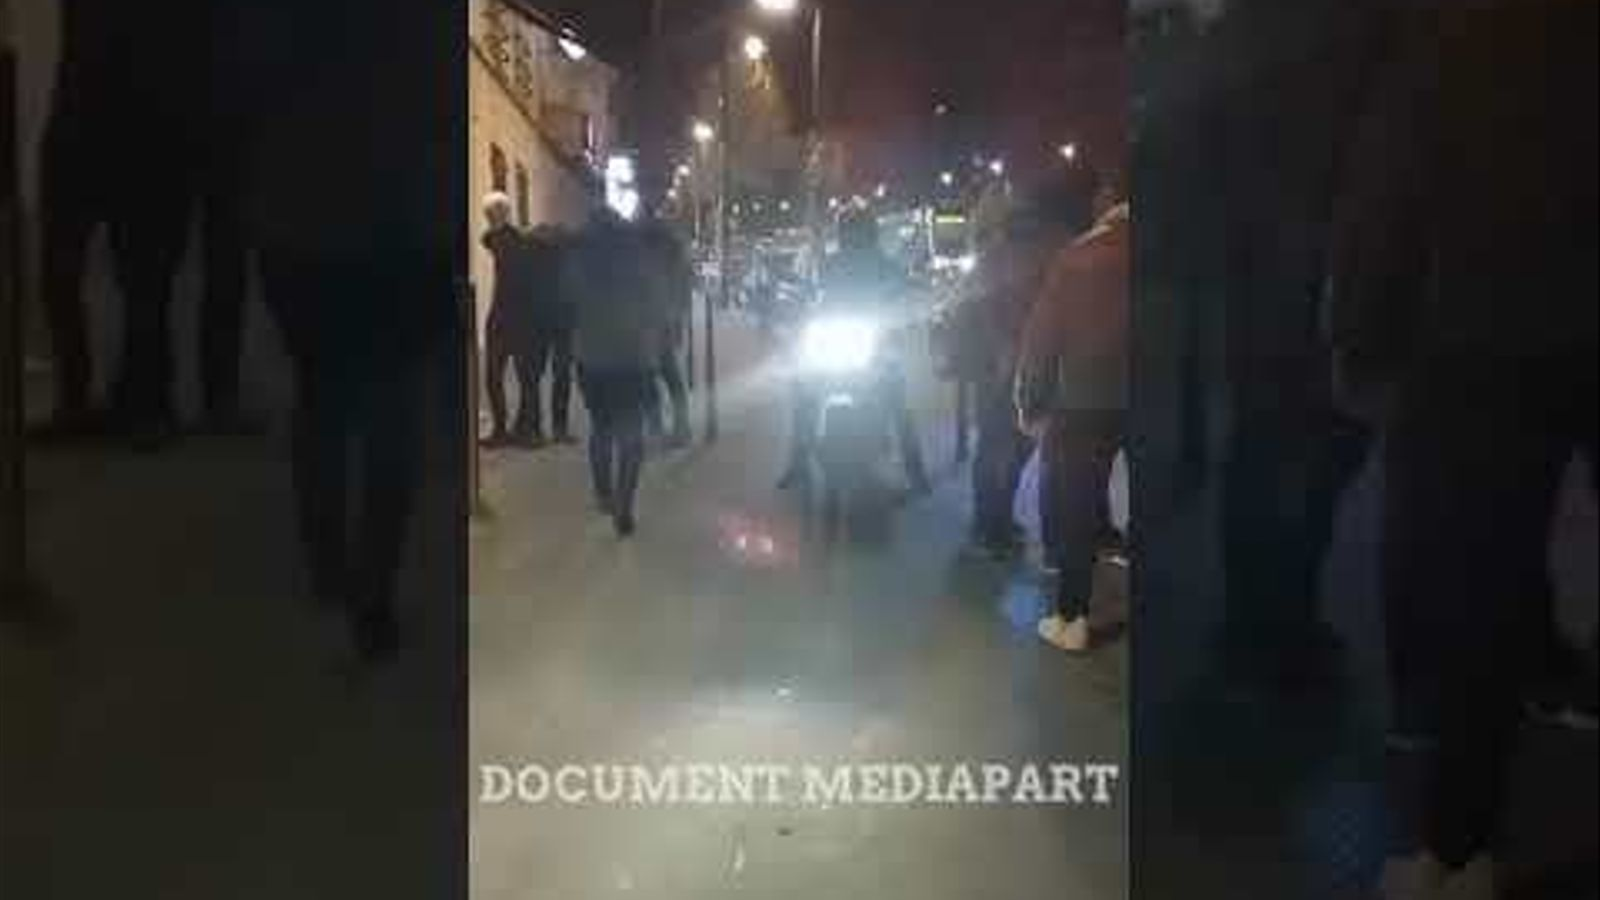 La policia francesa tapa el cap d'un noi amb un sac de tela durant una detenció a París.